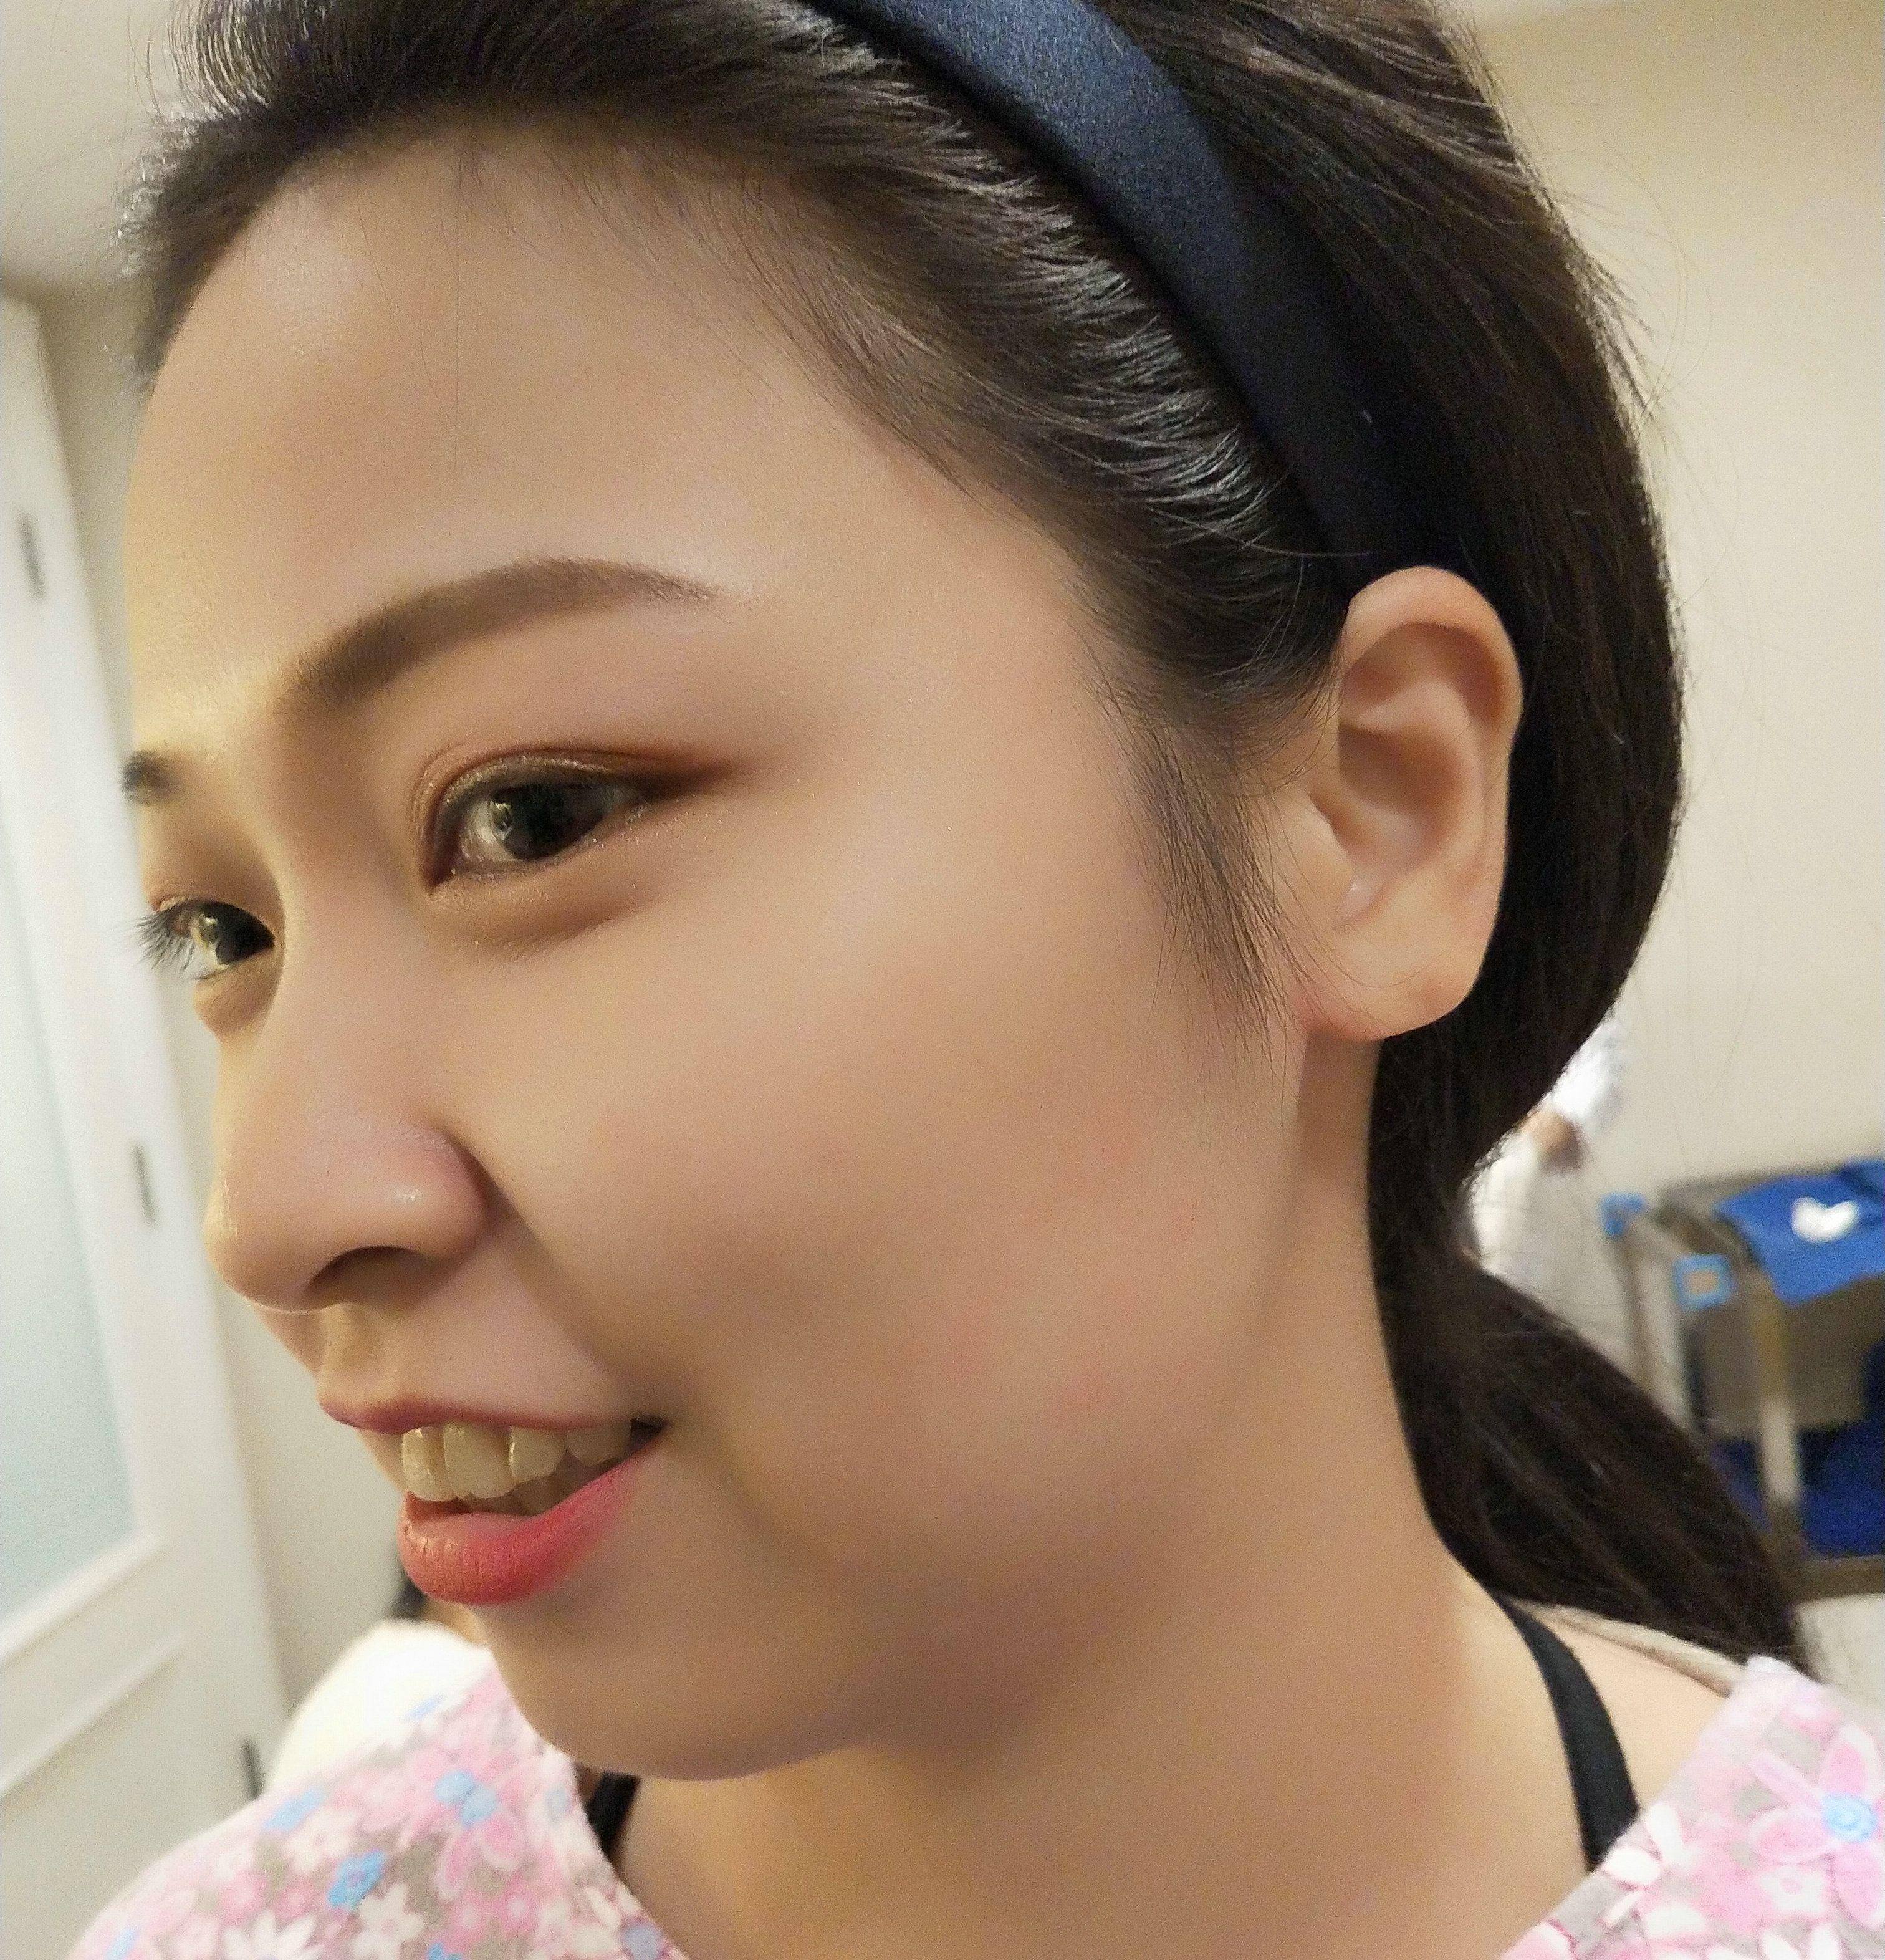 """金医生:""""打瘦脸针不只是要让脸变小,也是要让脸型更顺更好看,皮肤较松的,打了瘦脸可能会下垂,所以要叠加提升一起打,达到紧致V脸的效果。"""" 虽然敷了麻药知道不会痛,但还是很紧张,护士给了我压力球和放了舒缓的音乐,针扎进去的时候能隐隐感觉到,不过很快放松下来了。"""